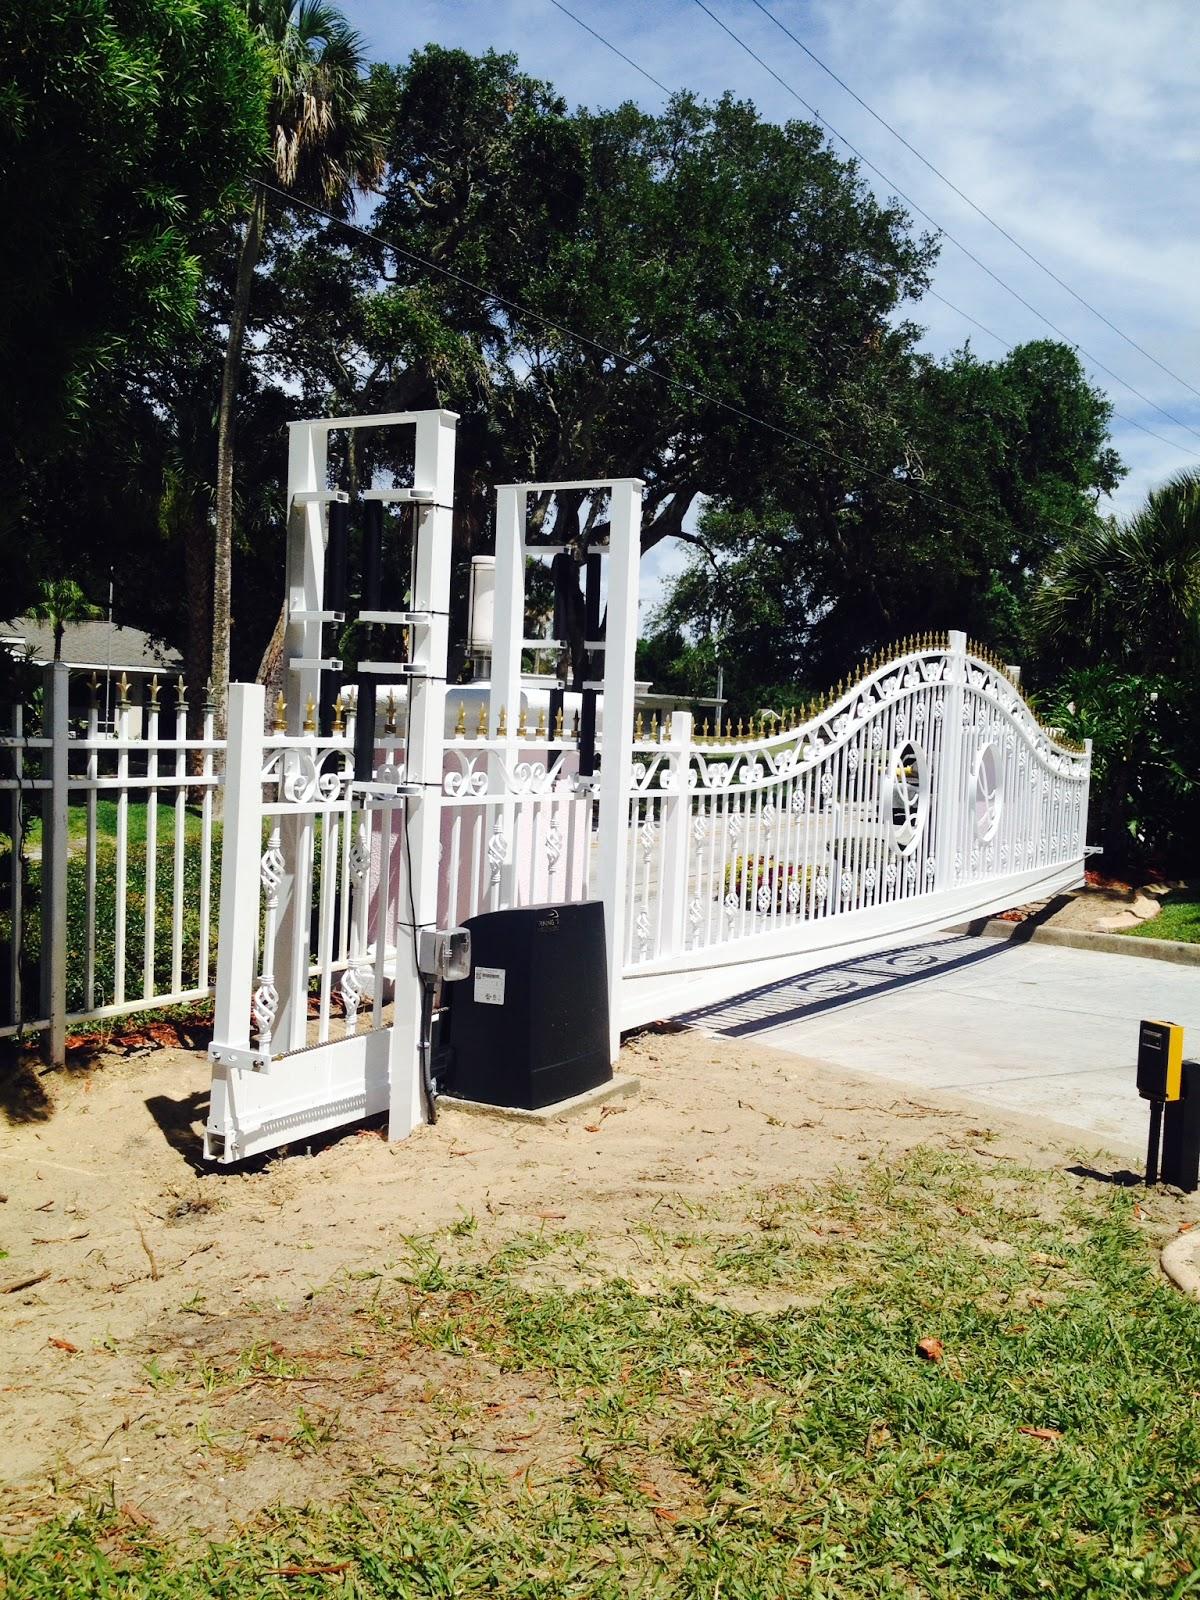 Viking k slide gate operator